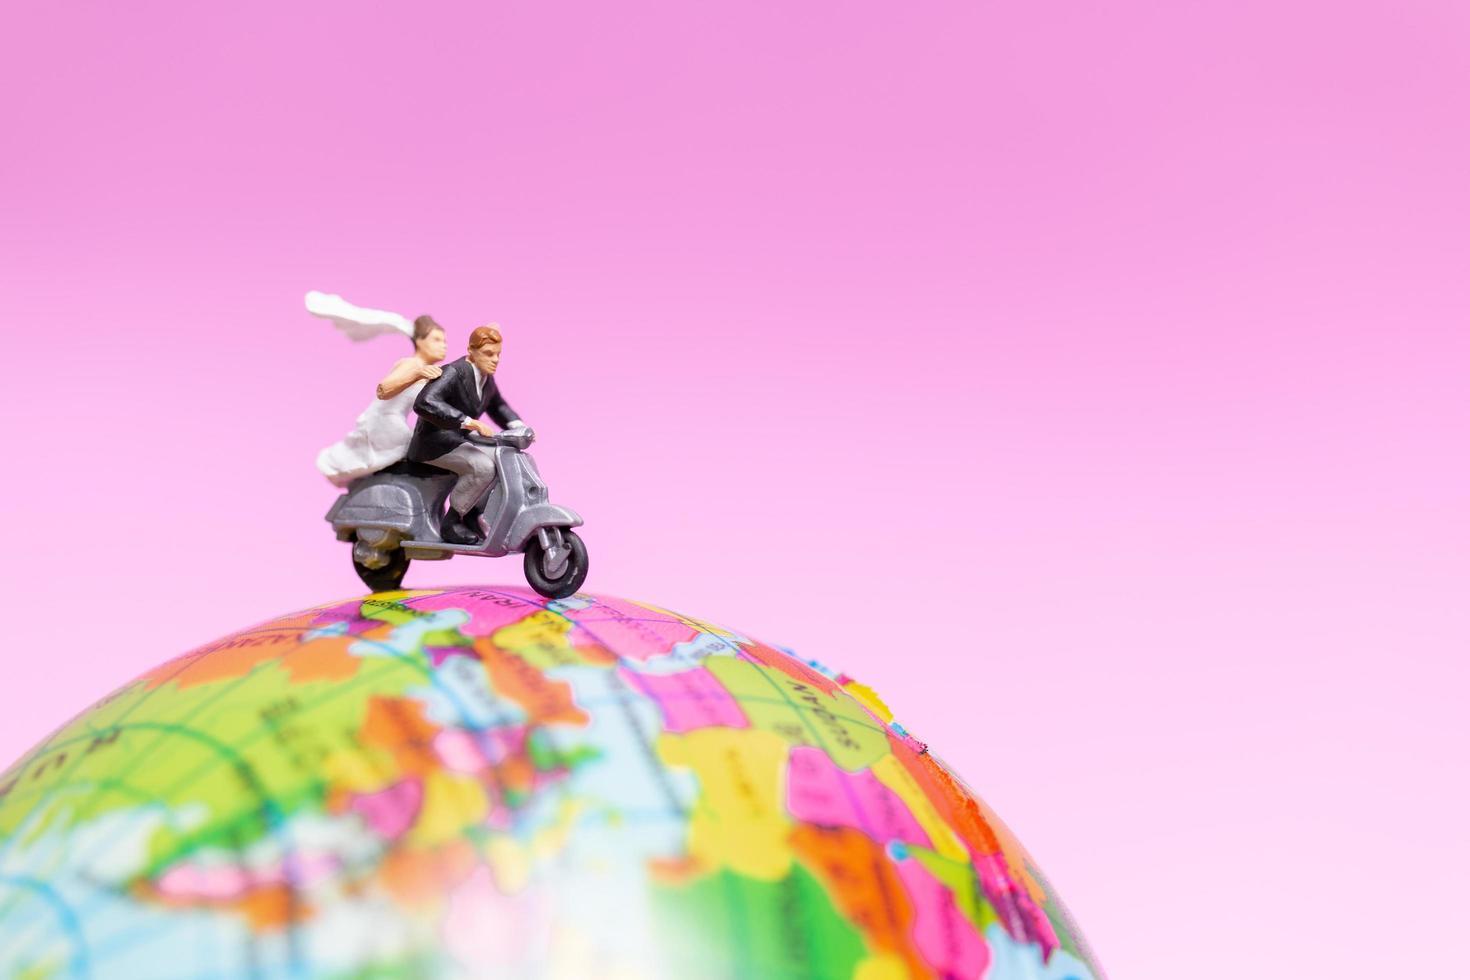 miniatyrpar som rider på en motorcykel på en världsglob foto